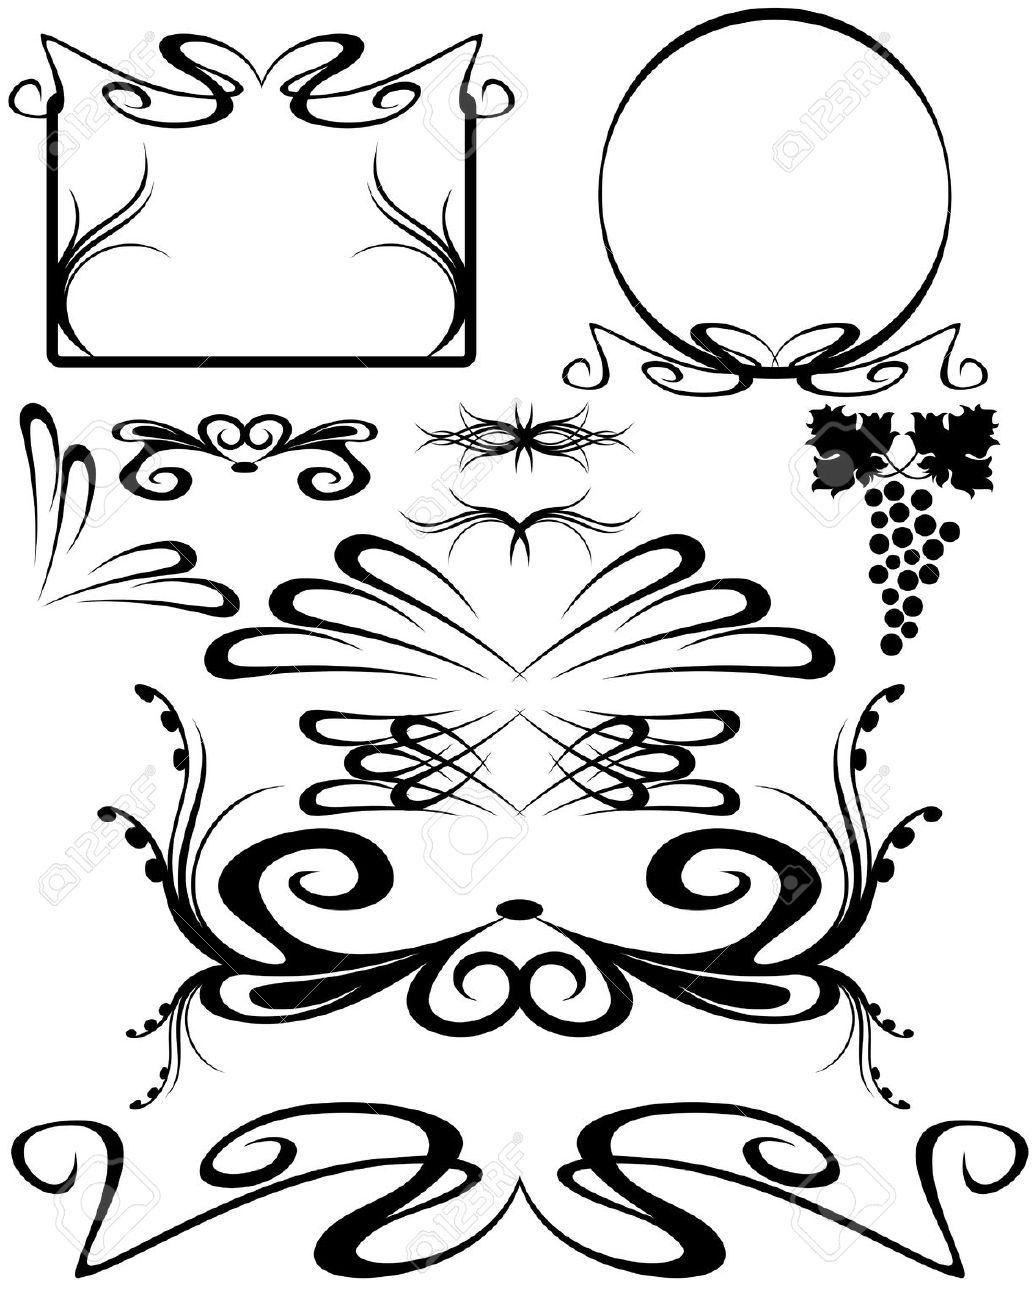 cenefas decorativas orlas tatoo de jordyn libre and royalty marco nouveau wall boarders cliparts stock